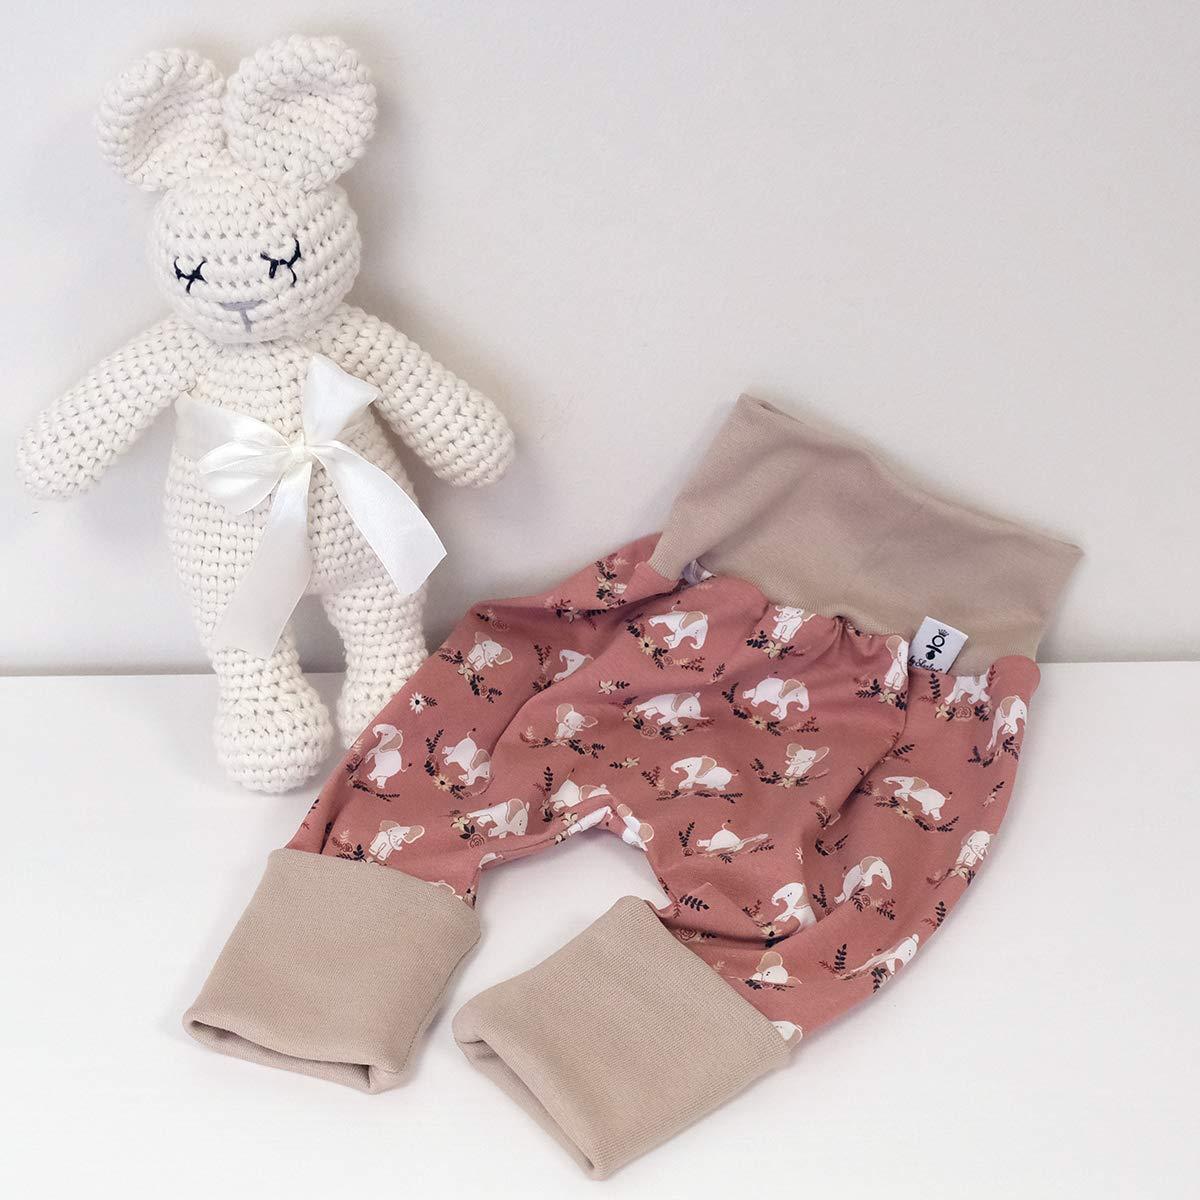 Schleife Wei/ß Baby M/ädchen Halstuch Hose Beige ANGEBOT Set Schleifenm/ütze sweet Elephants